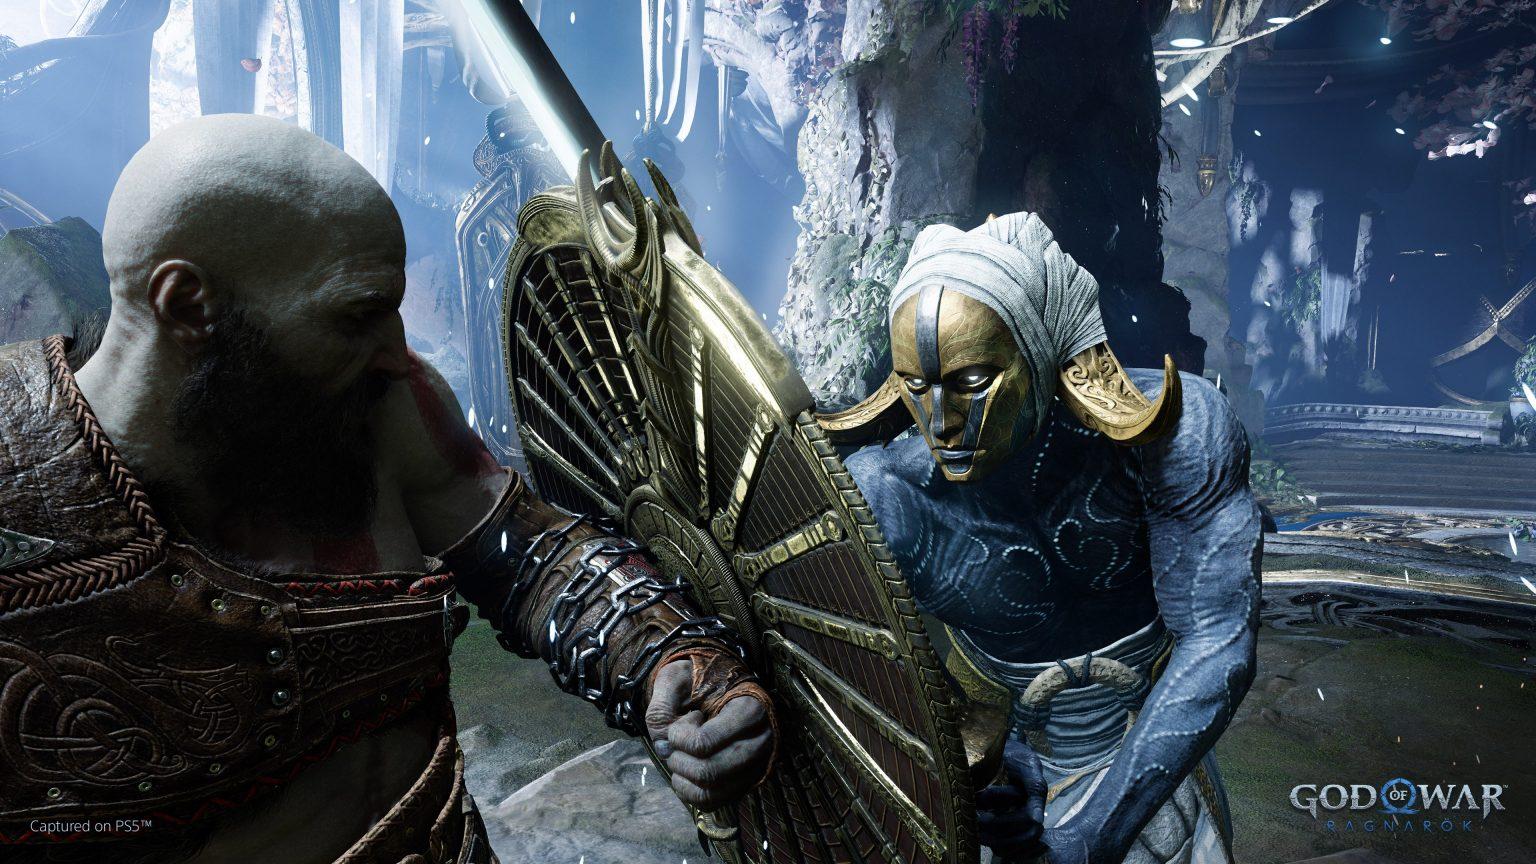 《战神5:诸神黄昏》将有不同的盾牌 每个有不同能力插图1